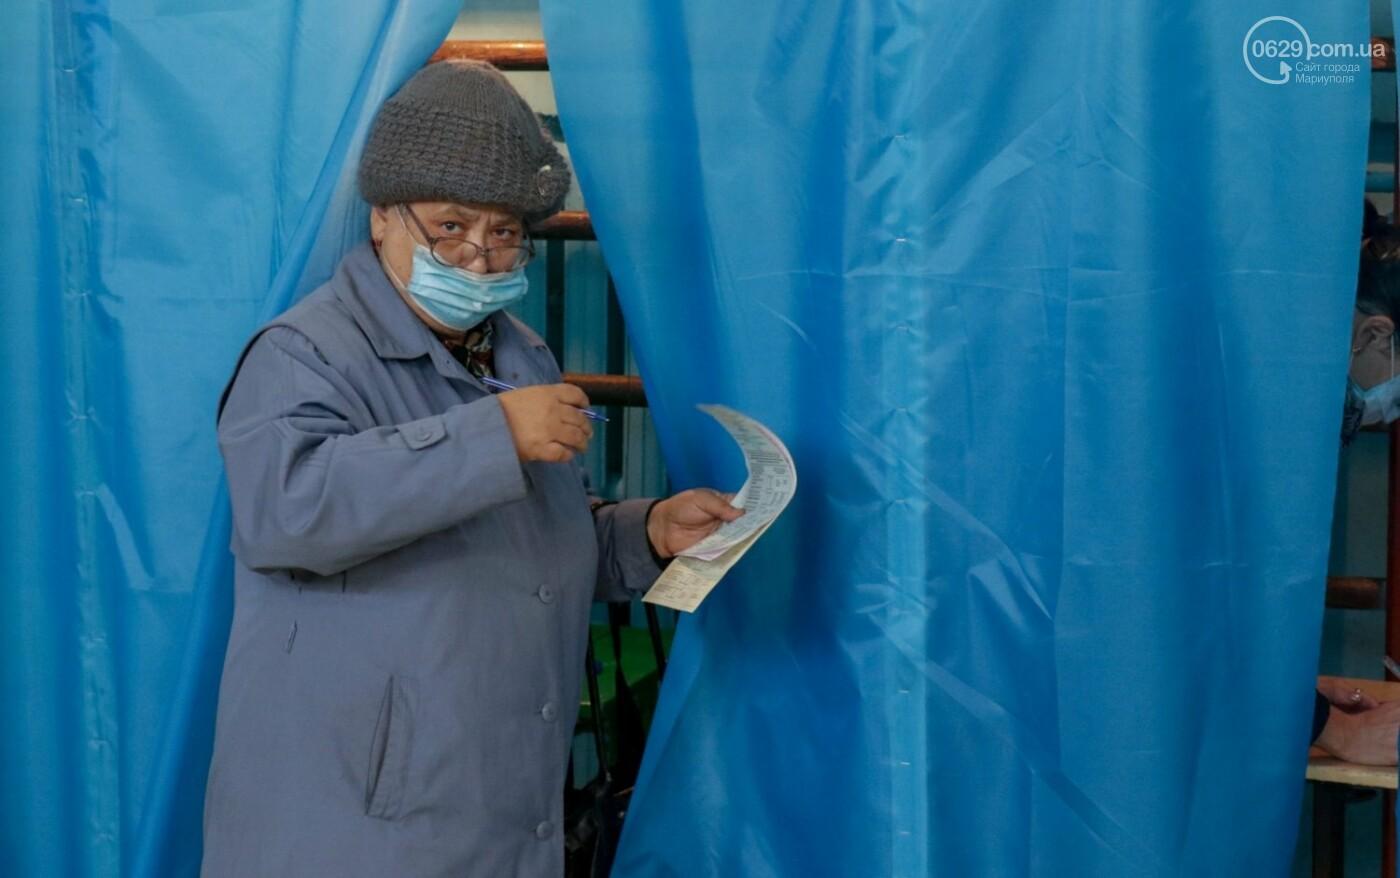 Как проходят выборы в Мариуполе – в 32-х фотографиях, - ФОТОРЕПОРТАЖ, фото-2